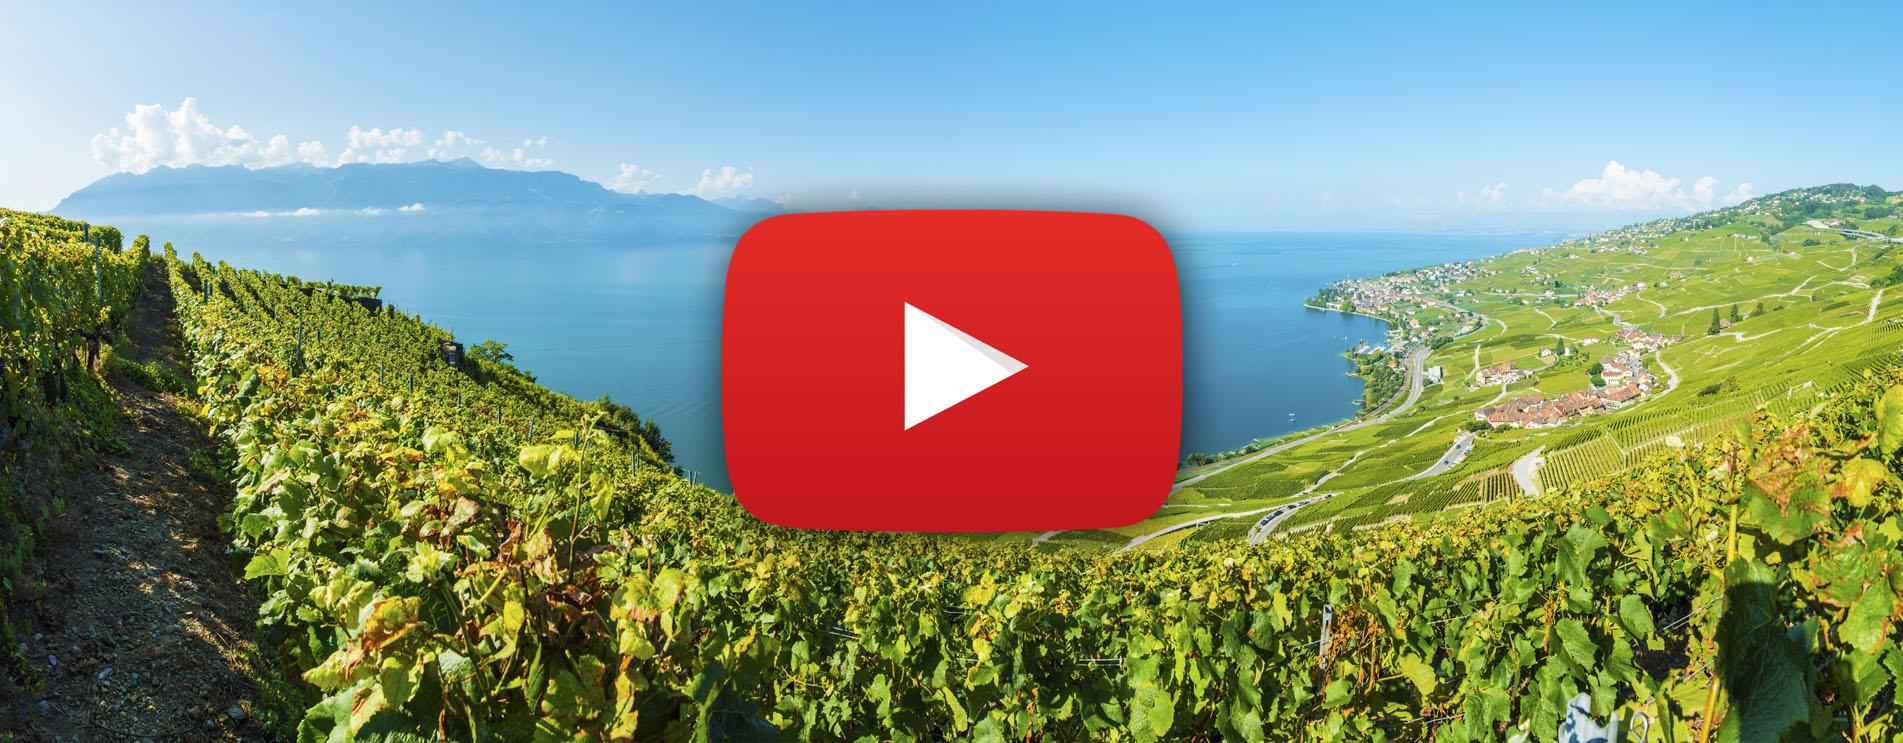 Film zur Wanderung durch die Weinterrassen von Lavaux